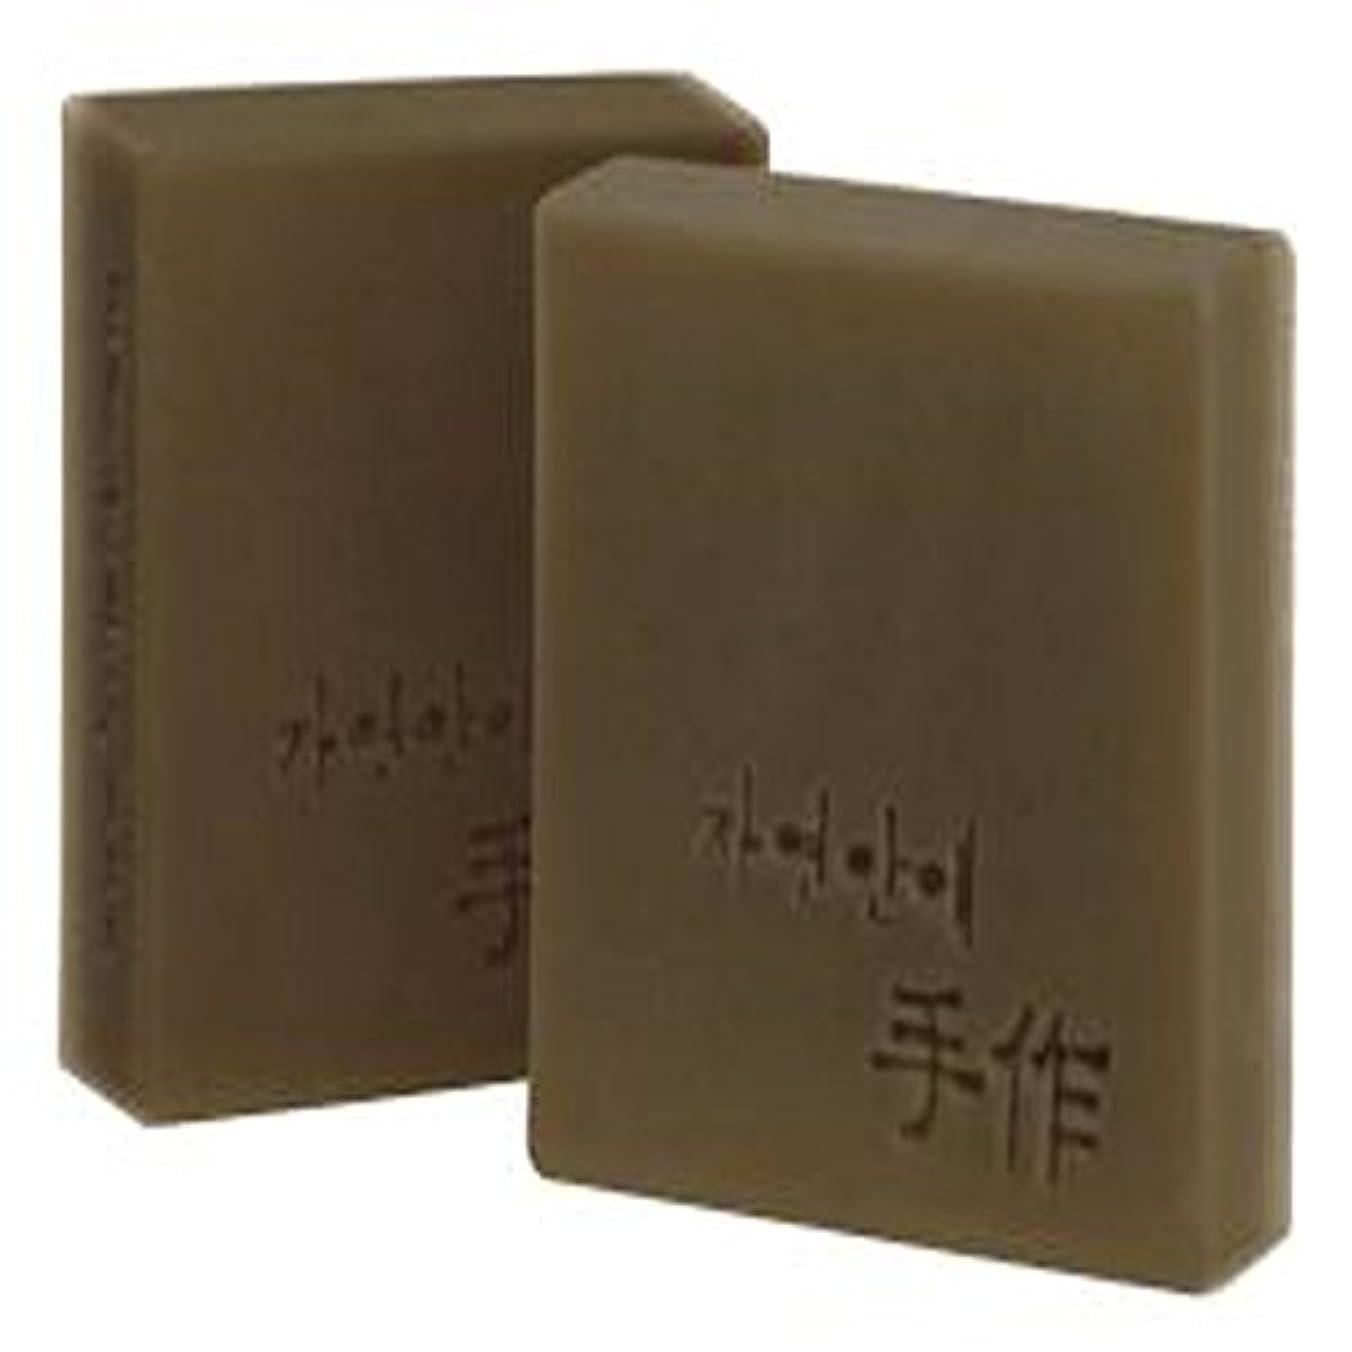 出費敬なディスクNatural organic 有機天然ソープ 固形 無添加 洗顔せっけんクレンジング 石鹸 [並行輸入品] (Apple)